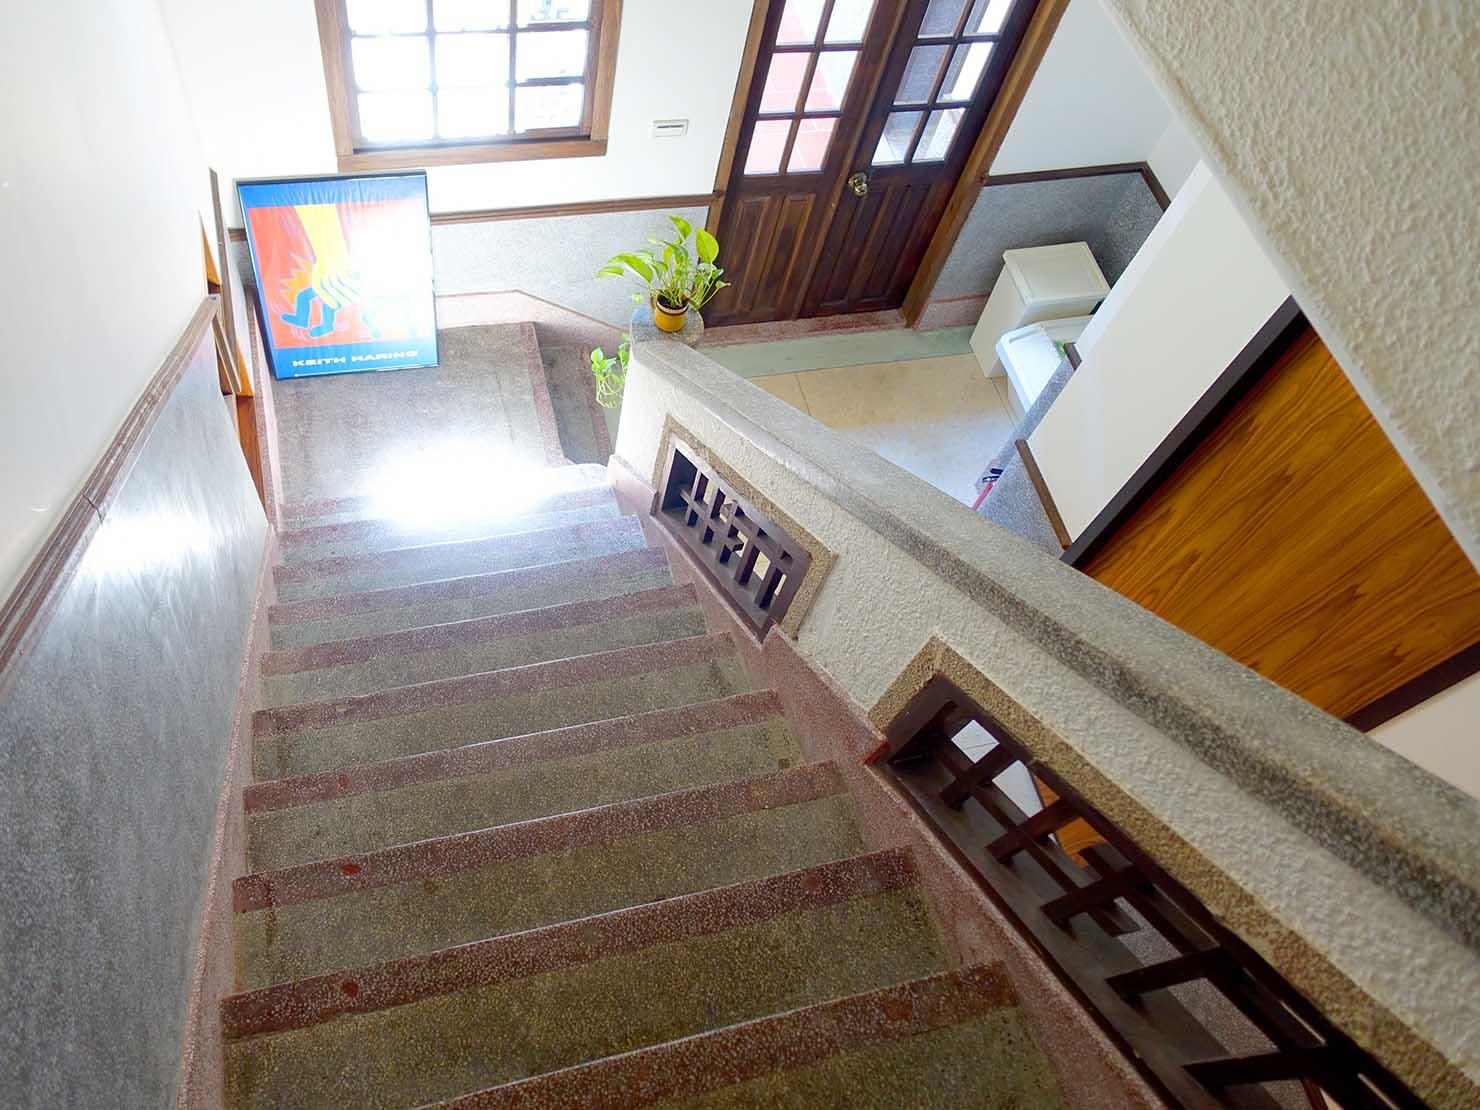 台北・迪化街のおしゃれな古民家リノベゲストハウス「OrigInn Space」建物内の階段